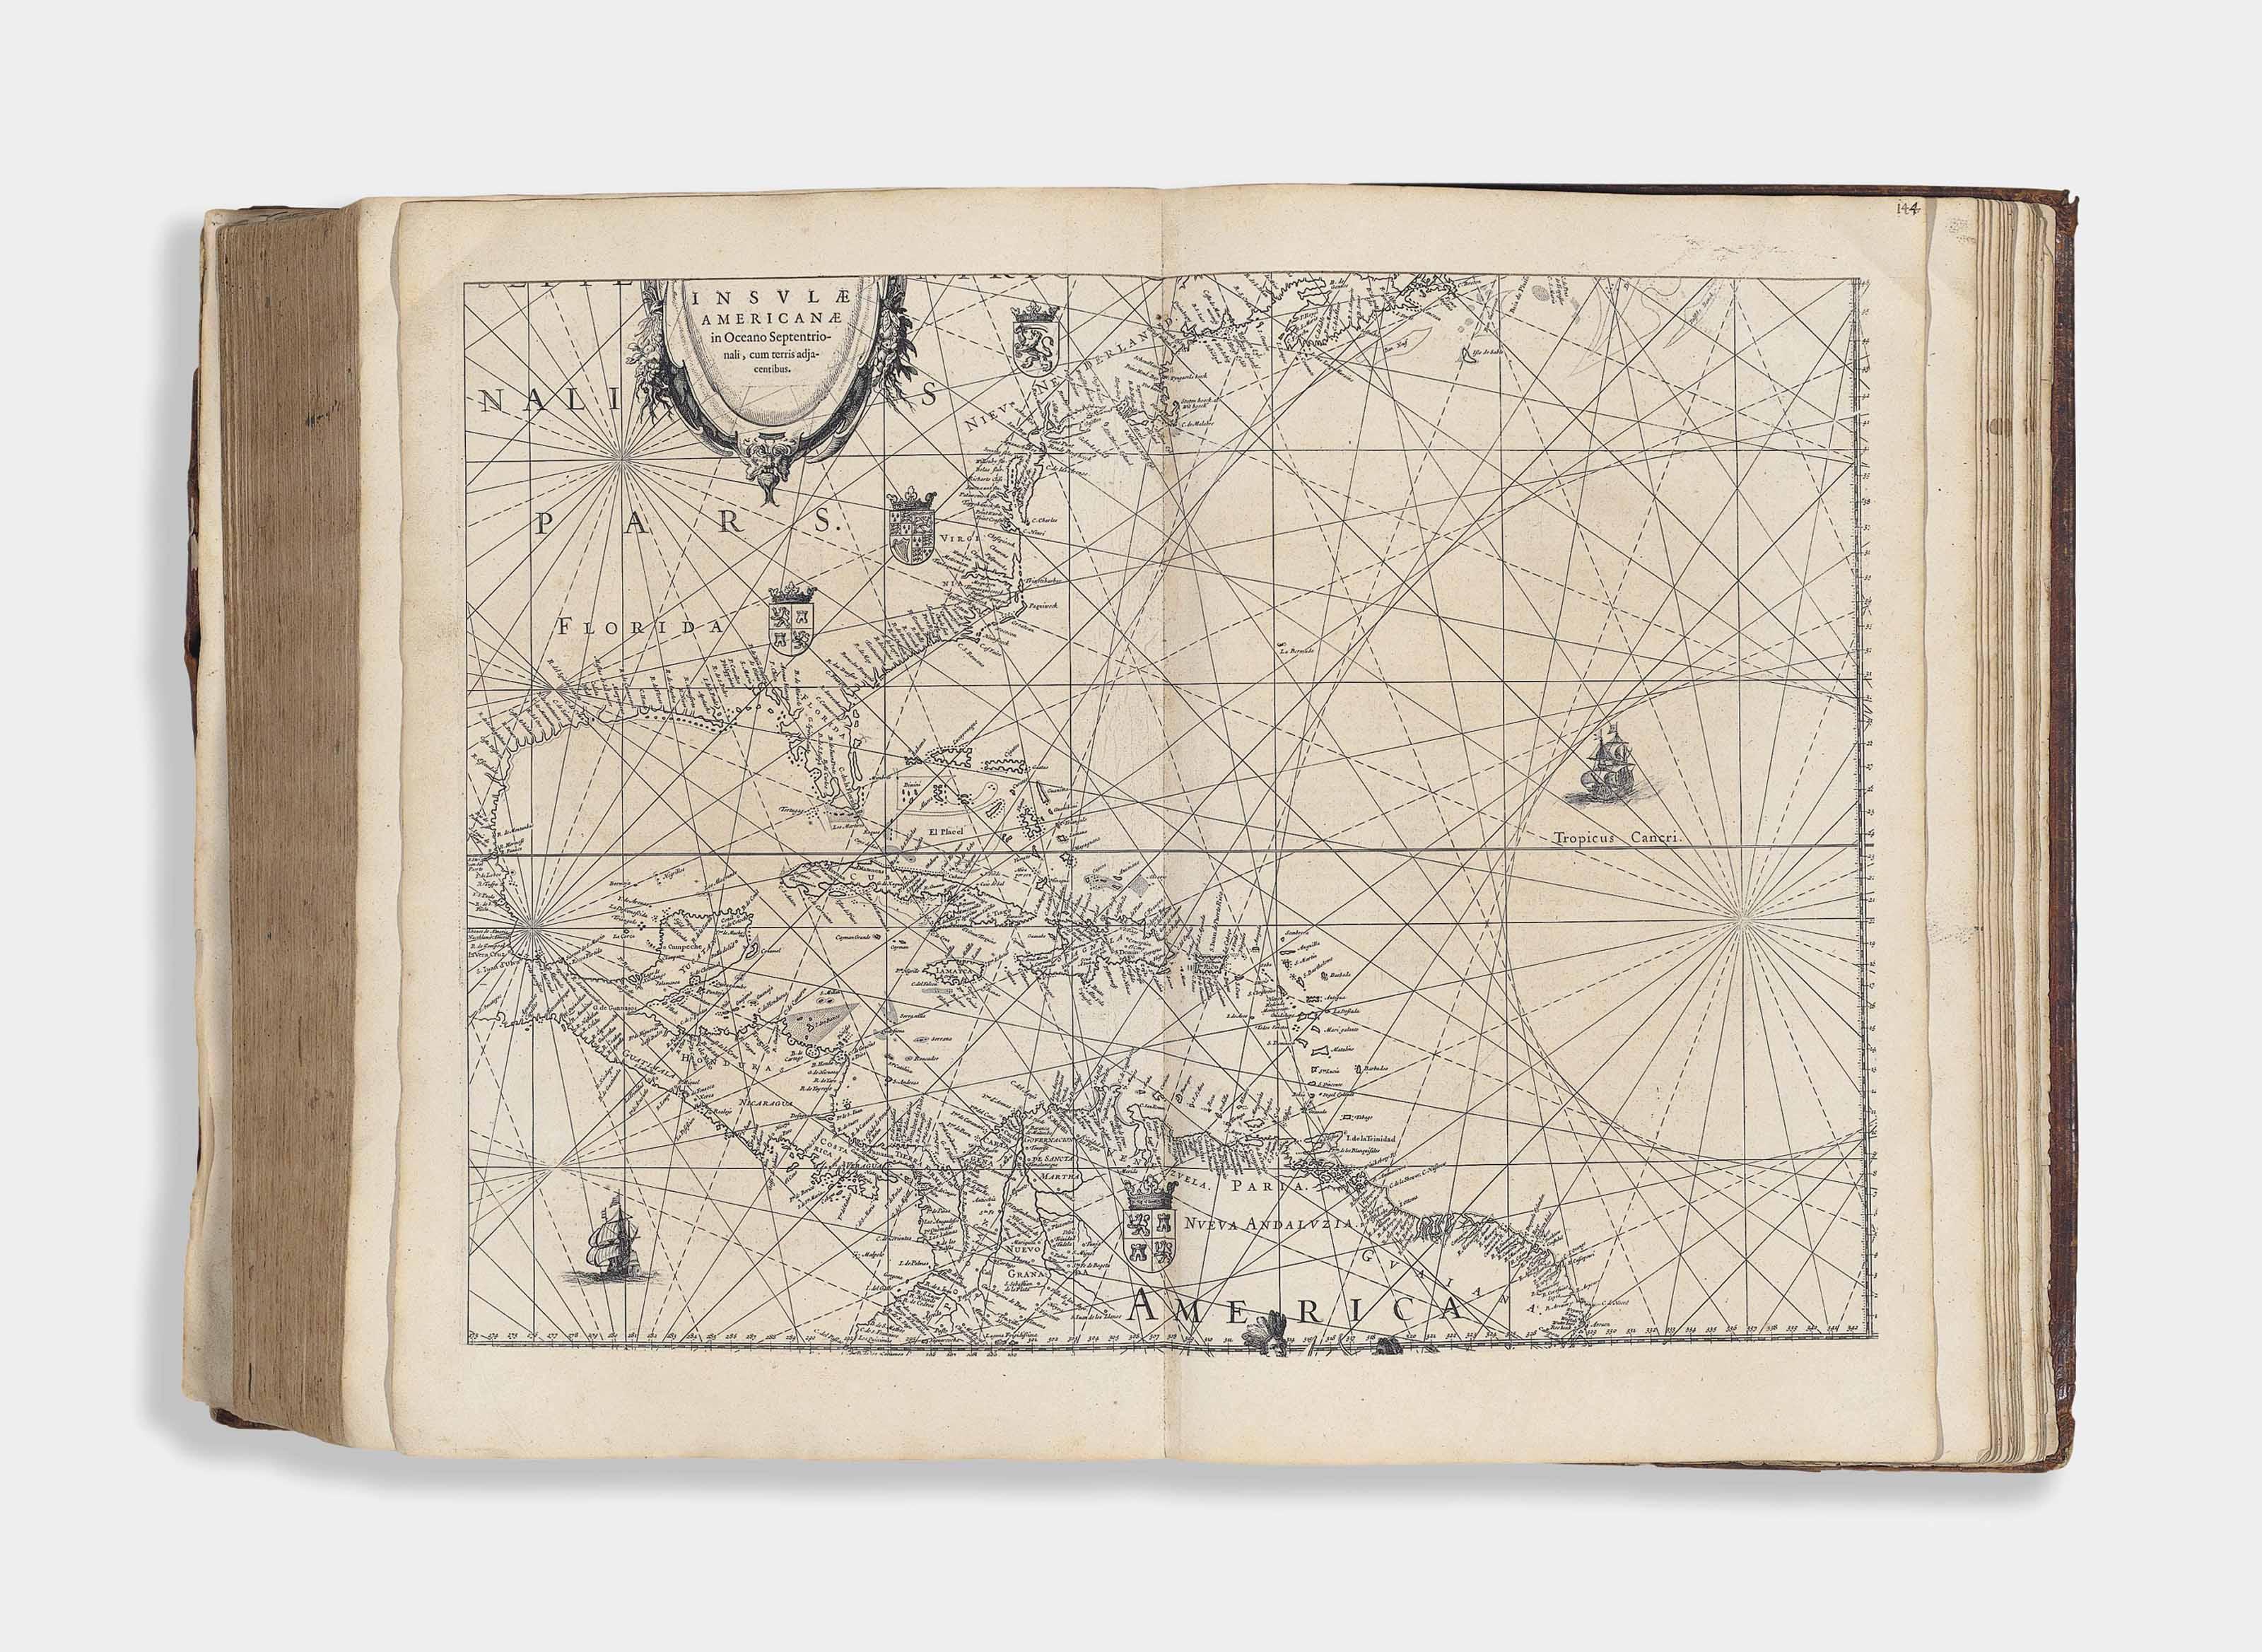 BLAEU, Willem (1571-1638) and Johan BLAEU (1596-1673). Novus Atlas, Das ist, Abbildung und Beschreibung von allen Ländern des Erdreichs. Gantz vernewt und verbessert. [Volume I: World and Continents, Northern and Eastern Europe.] Amsterdam: Willem Blaeu, 1634.